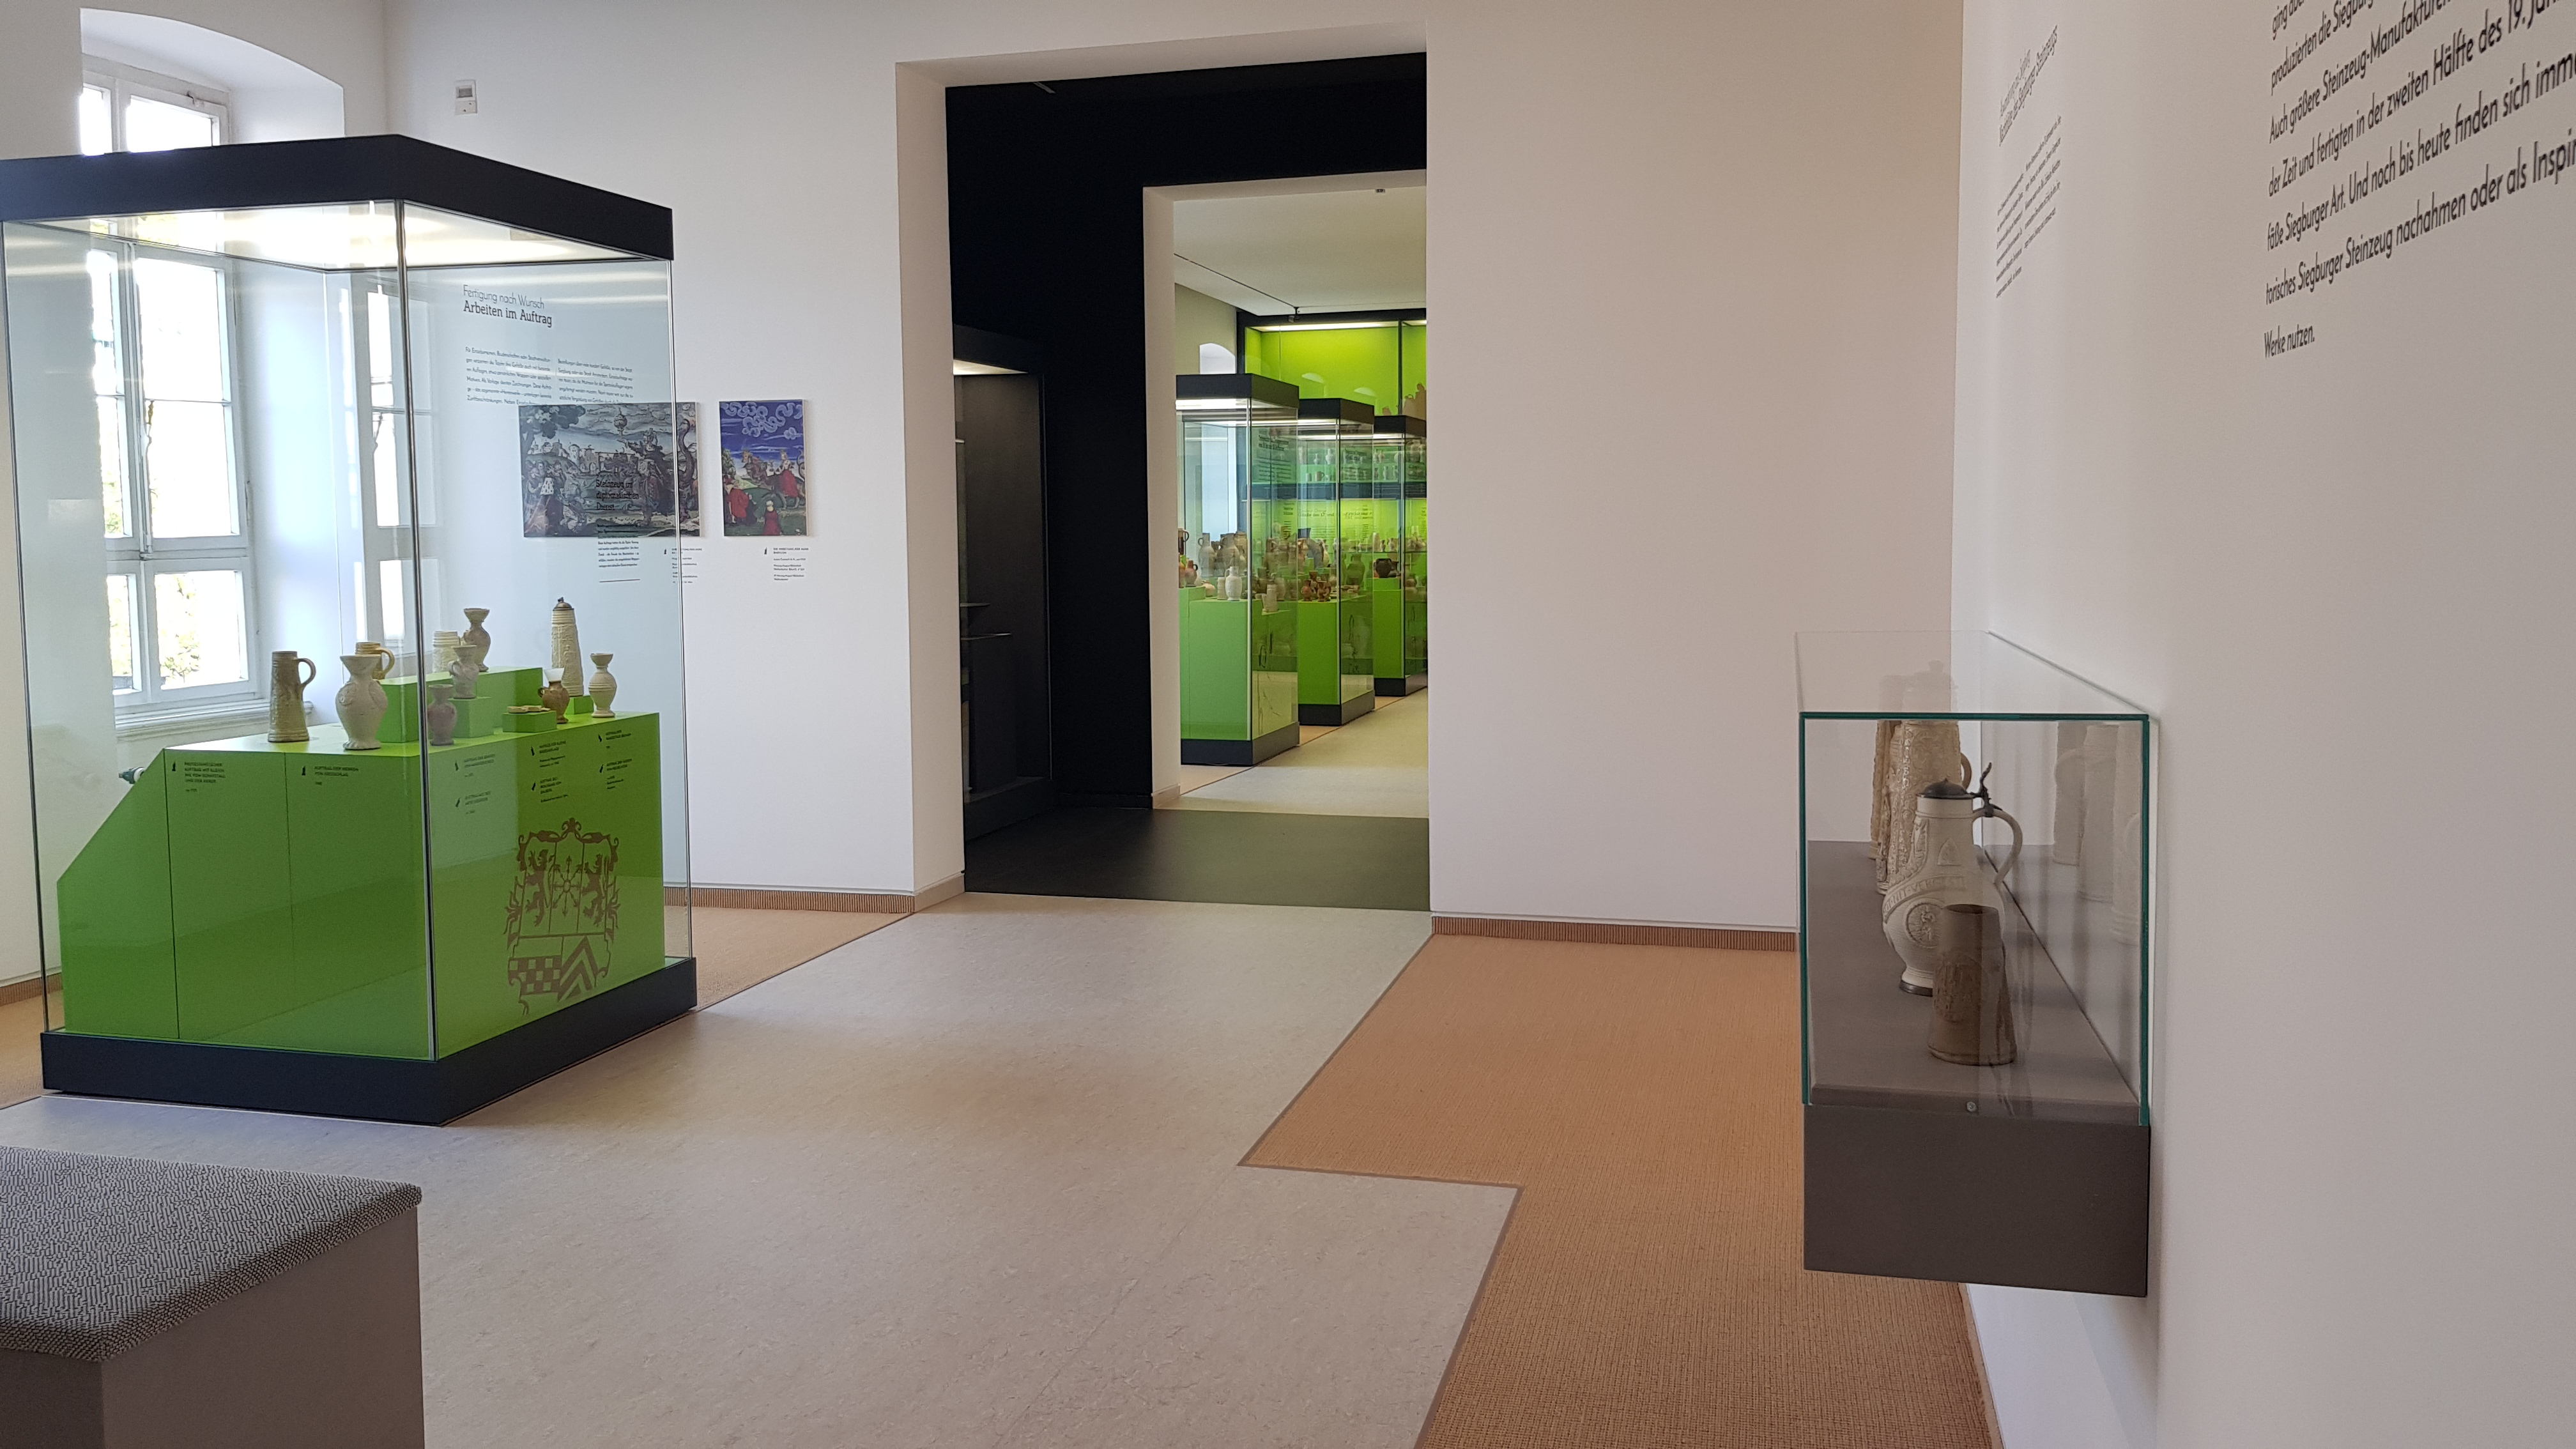 Blick in die Dauerausstellung der Stadtmuseum Siegburg.